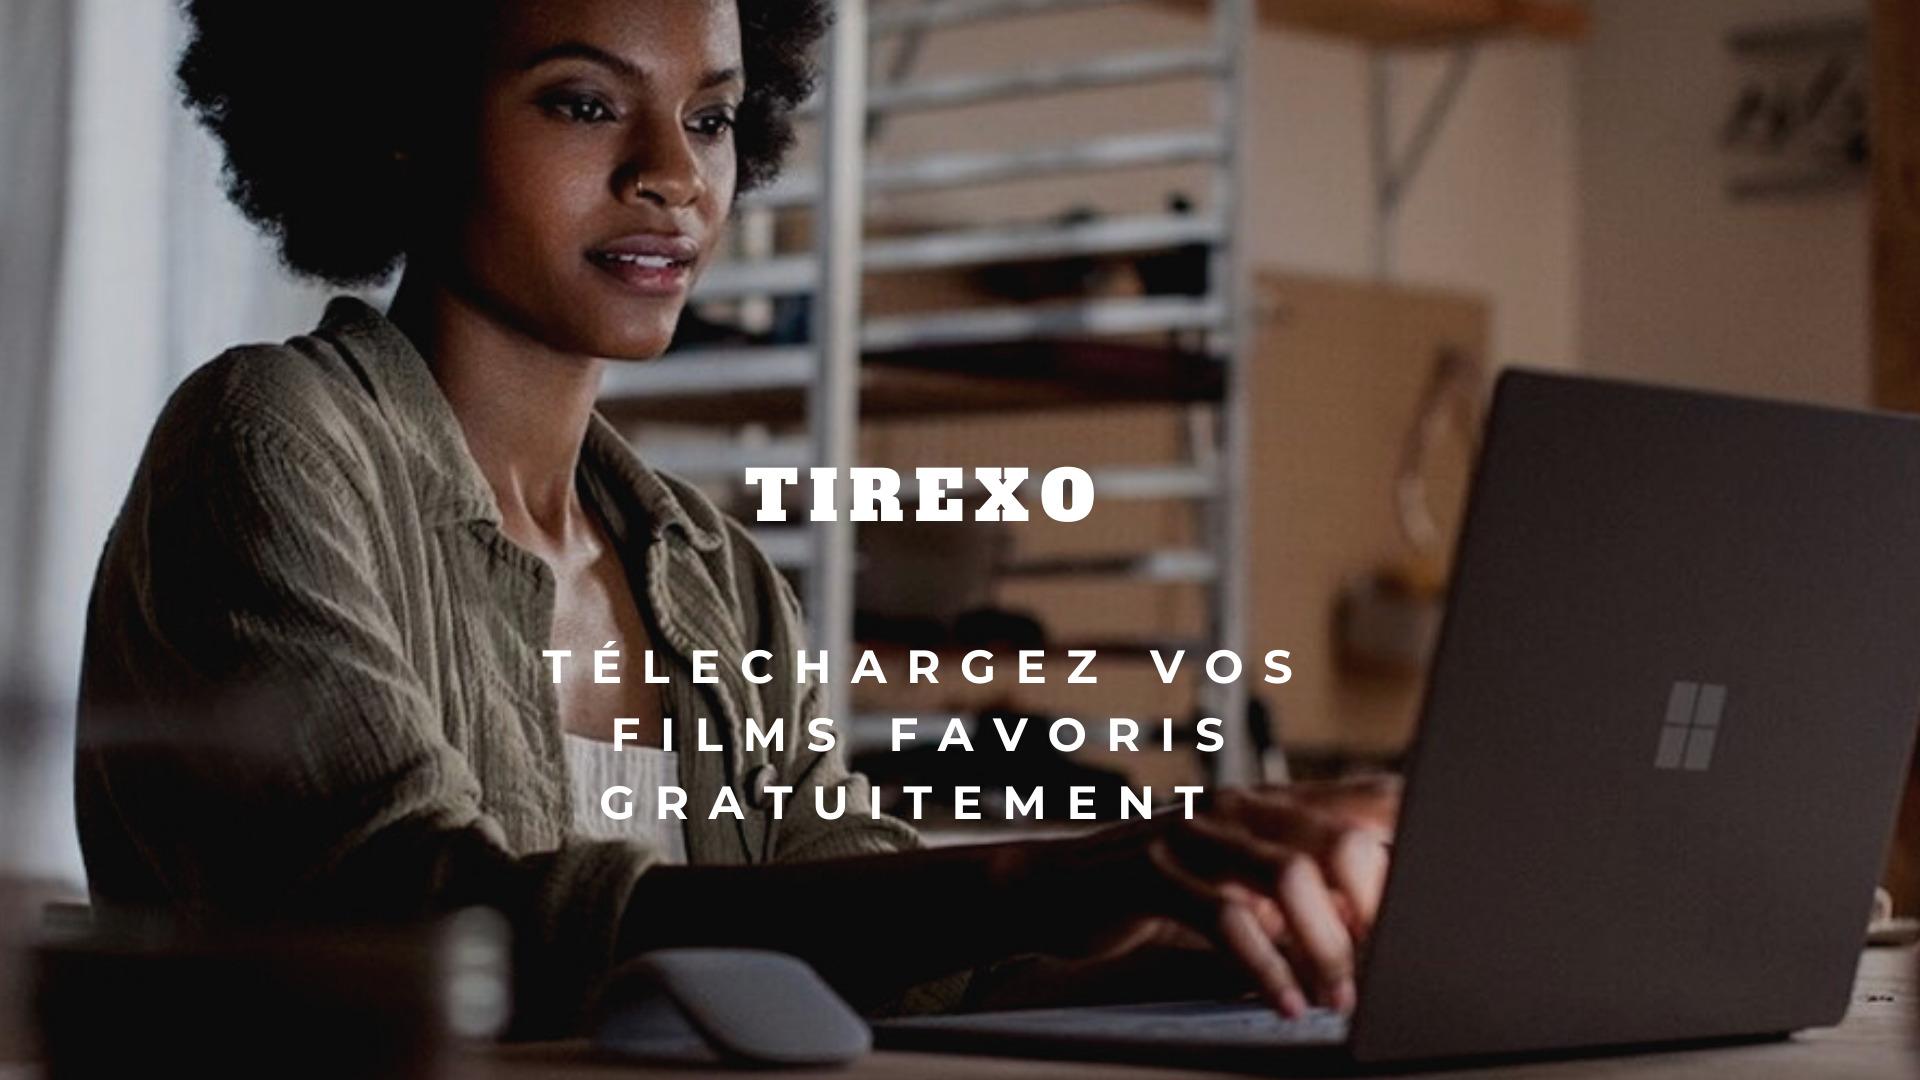 Connaissez_vous_Tirexo_pour_voir_un_film_francophone?